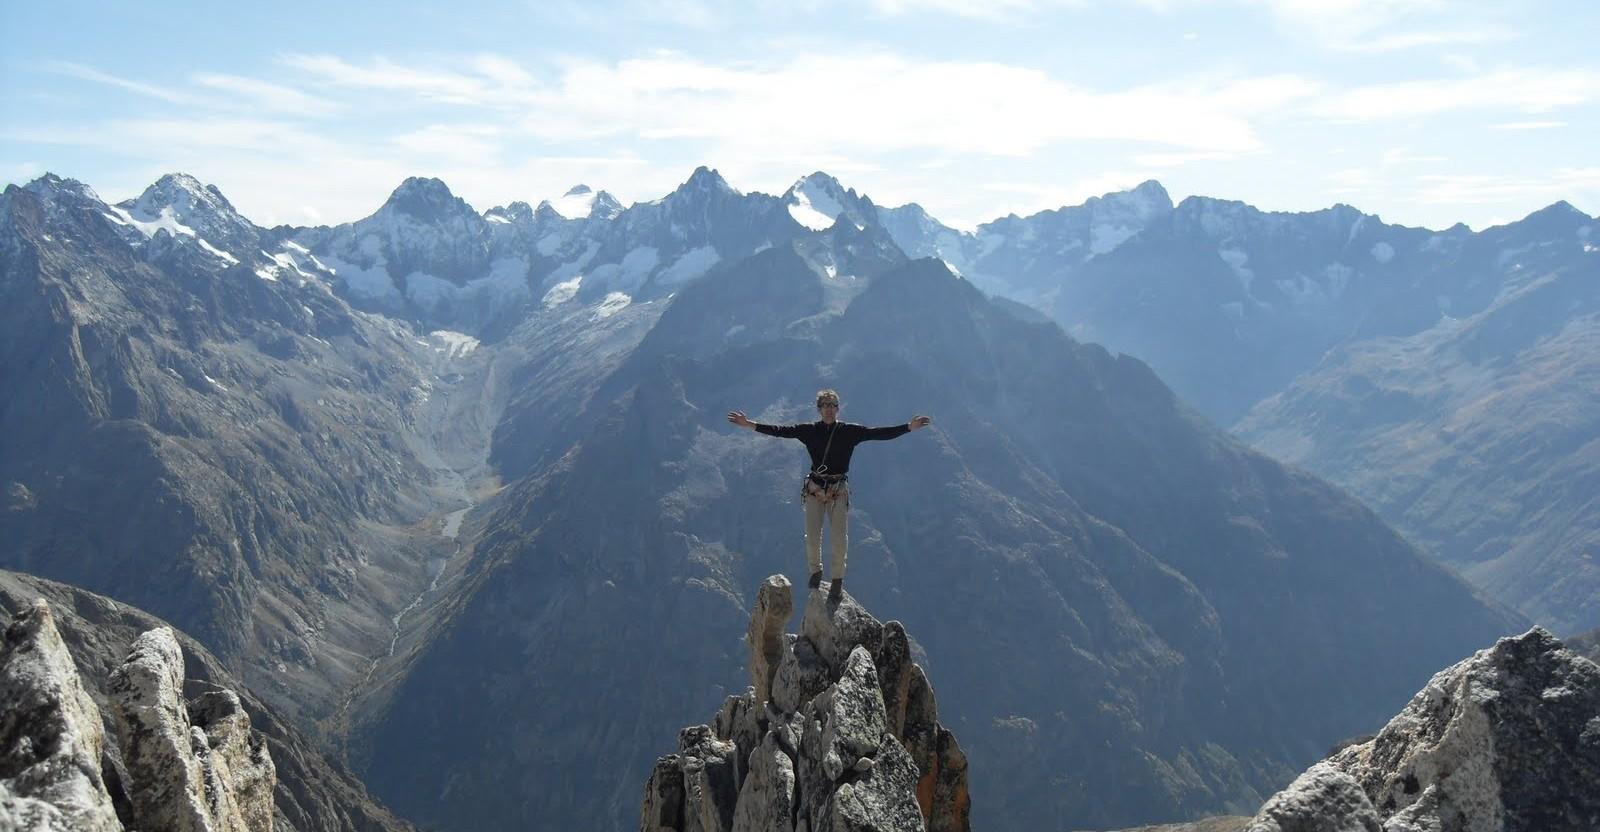 Guide de montagne au sommet de l'aiguille de la dibona sur son arête